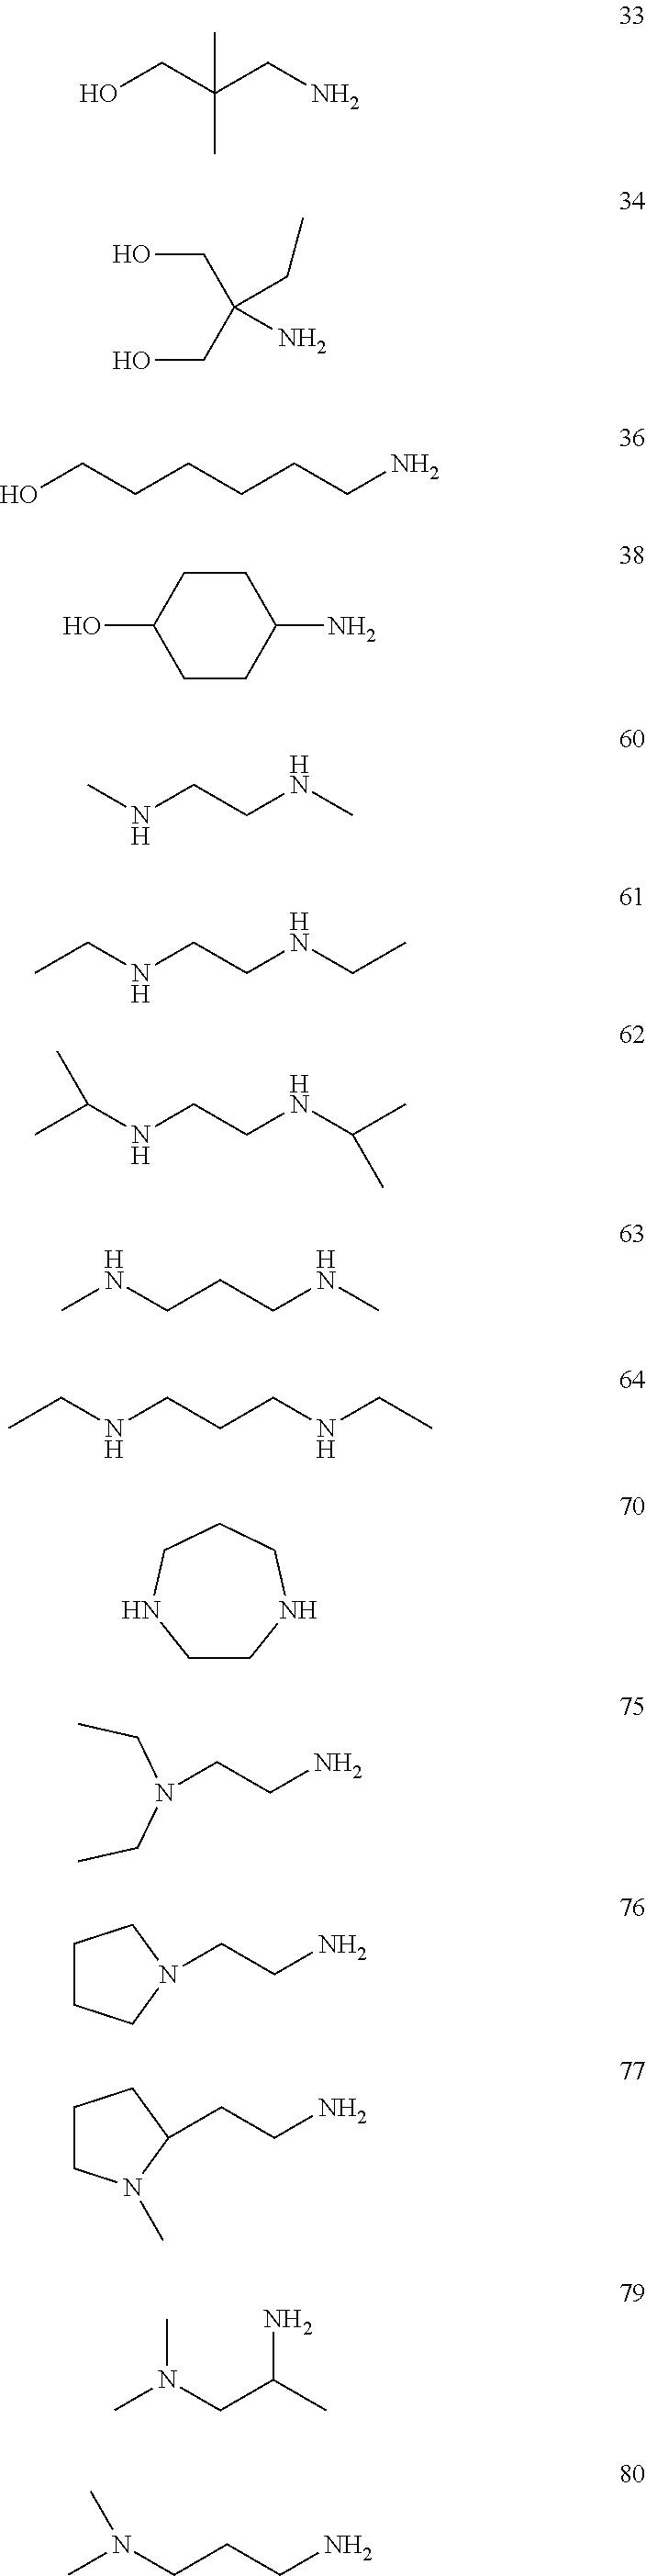 Figure US20110009641A1-20110113-C00281